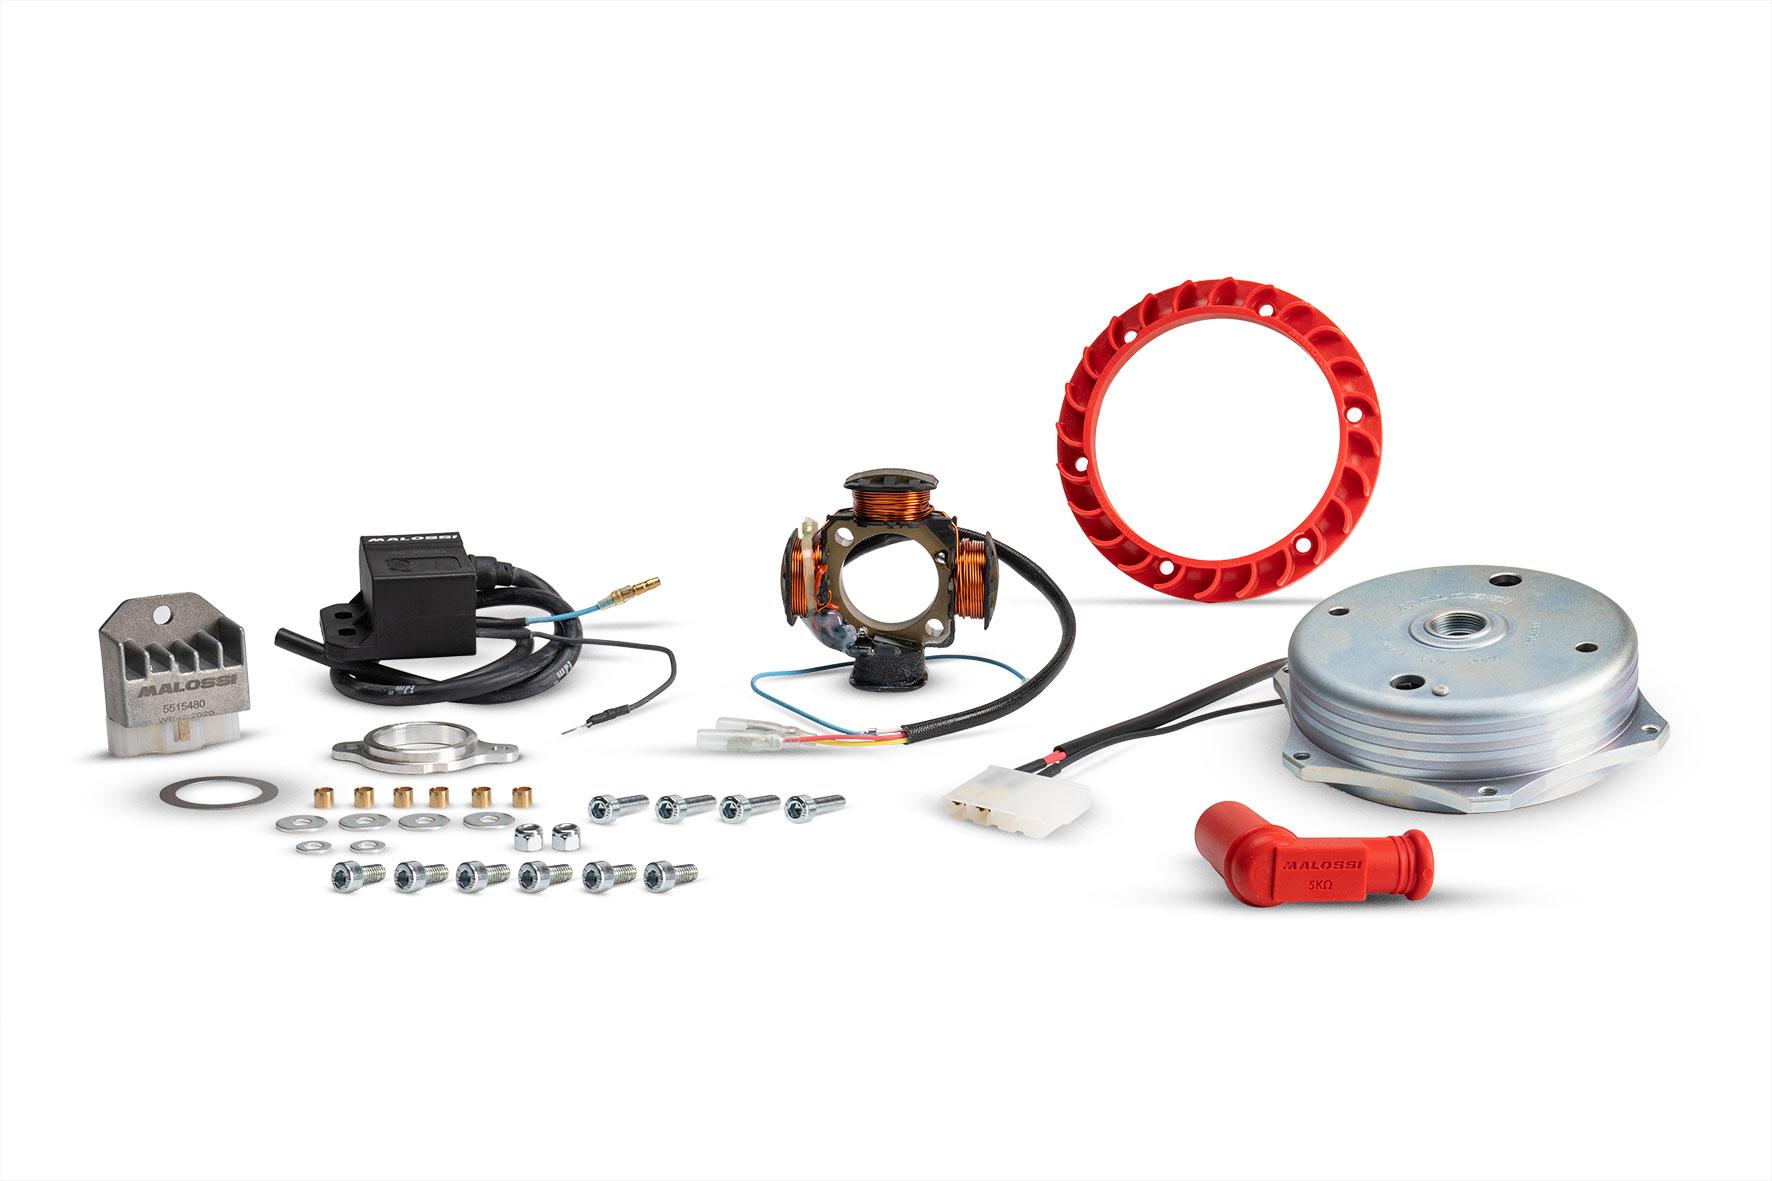 Accensione Power solo per ciclomotori Piaggio che montano d'origine l'accensione elettronica